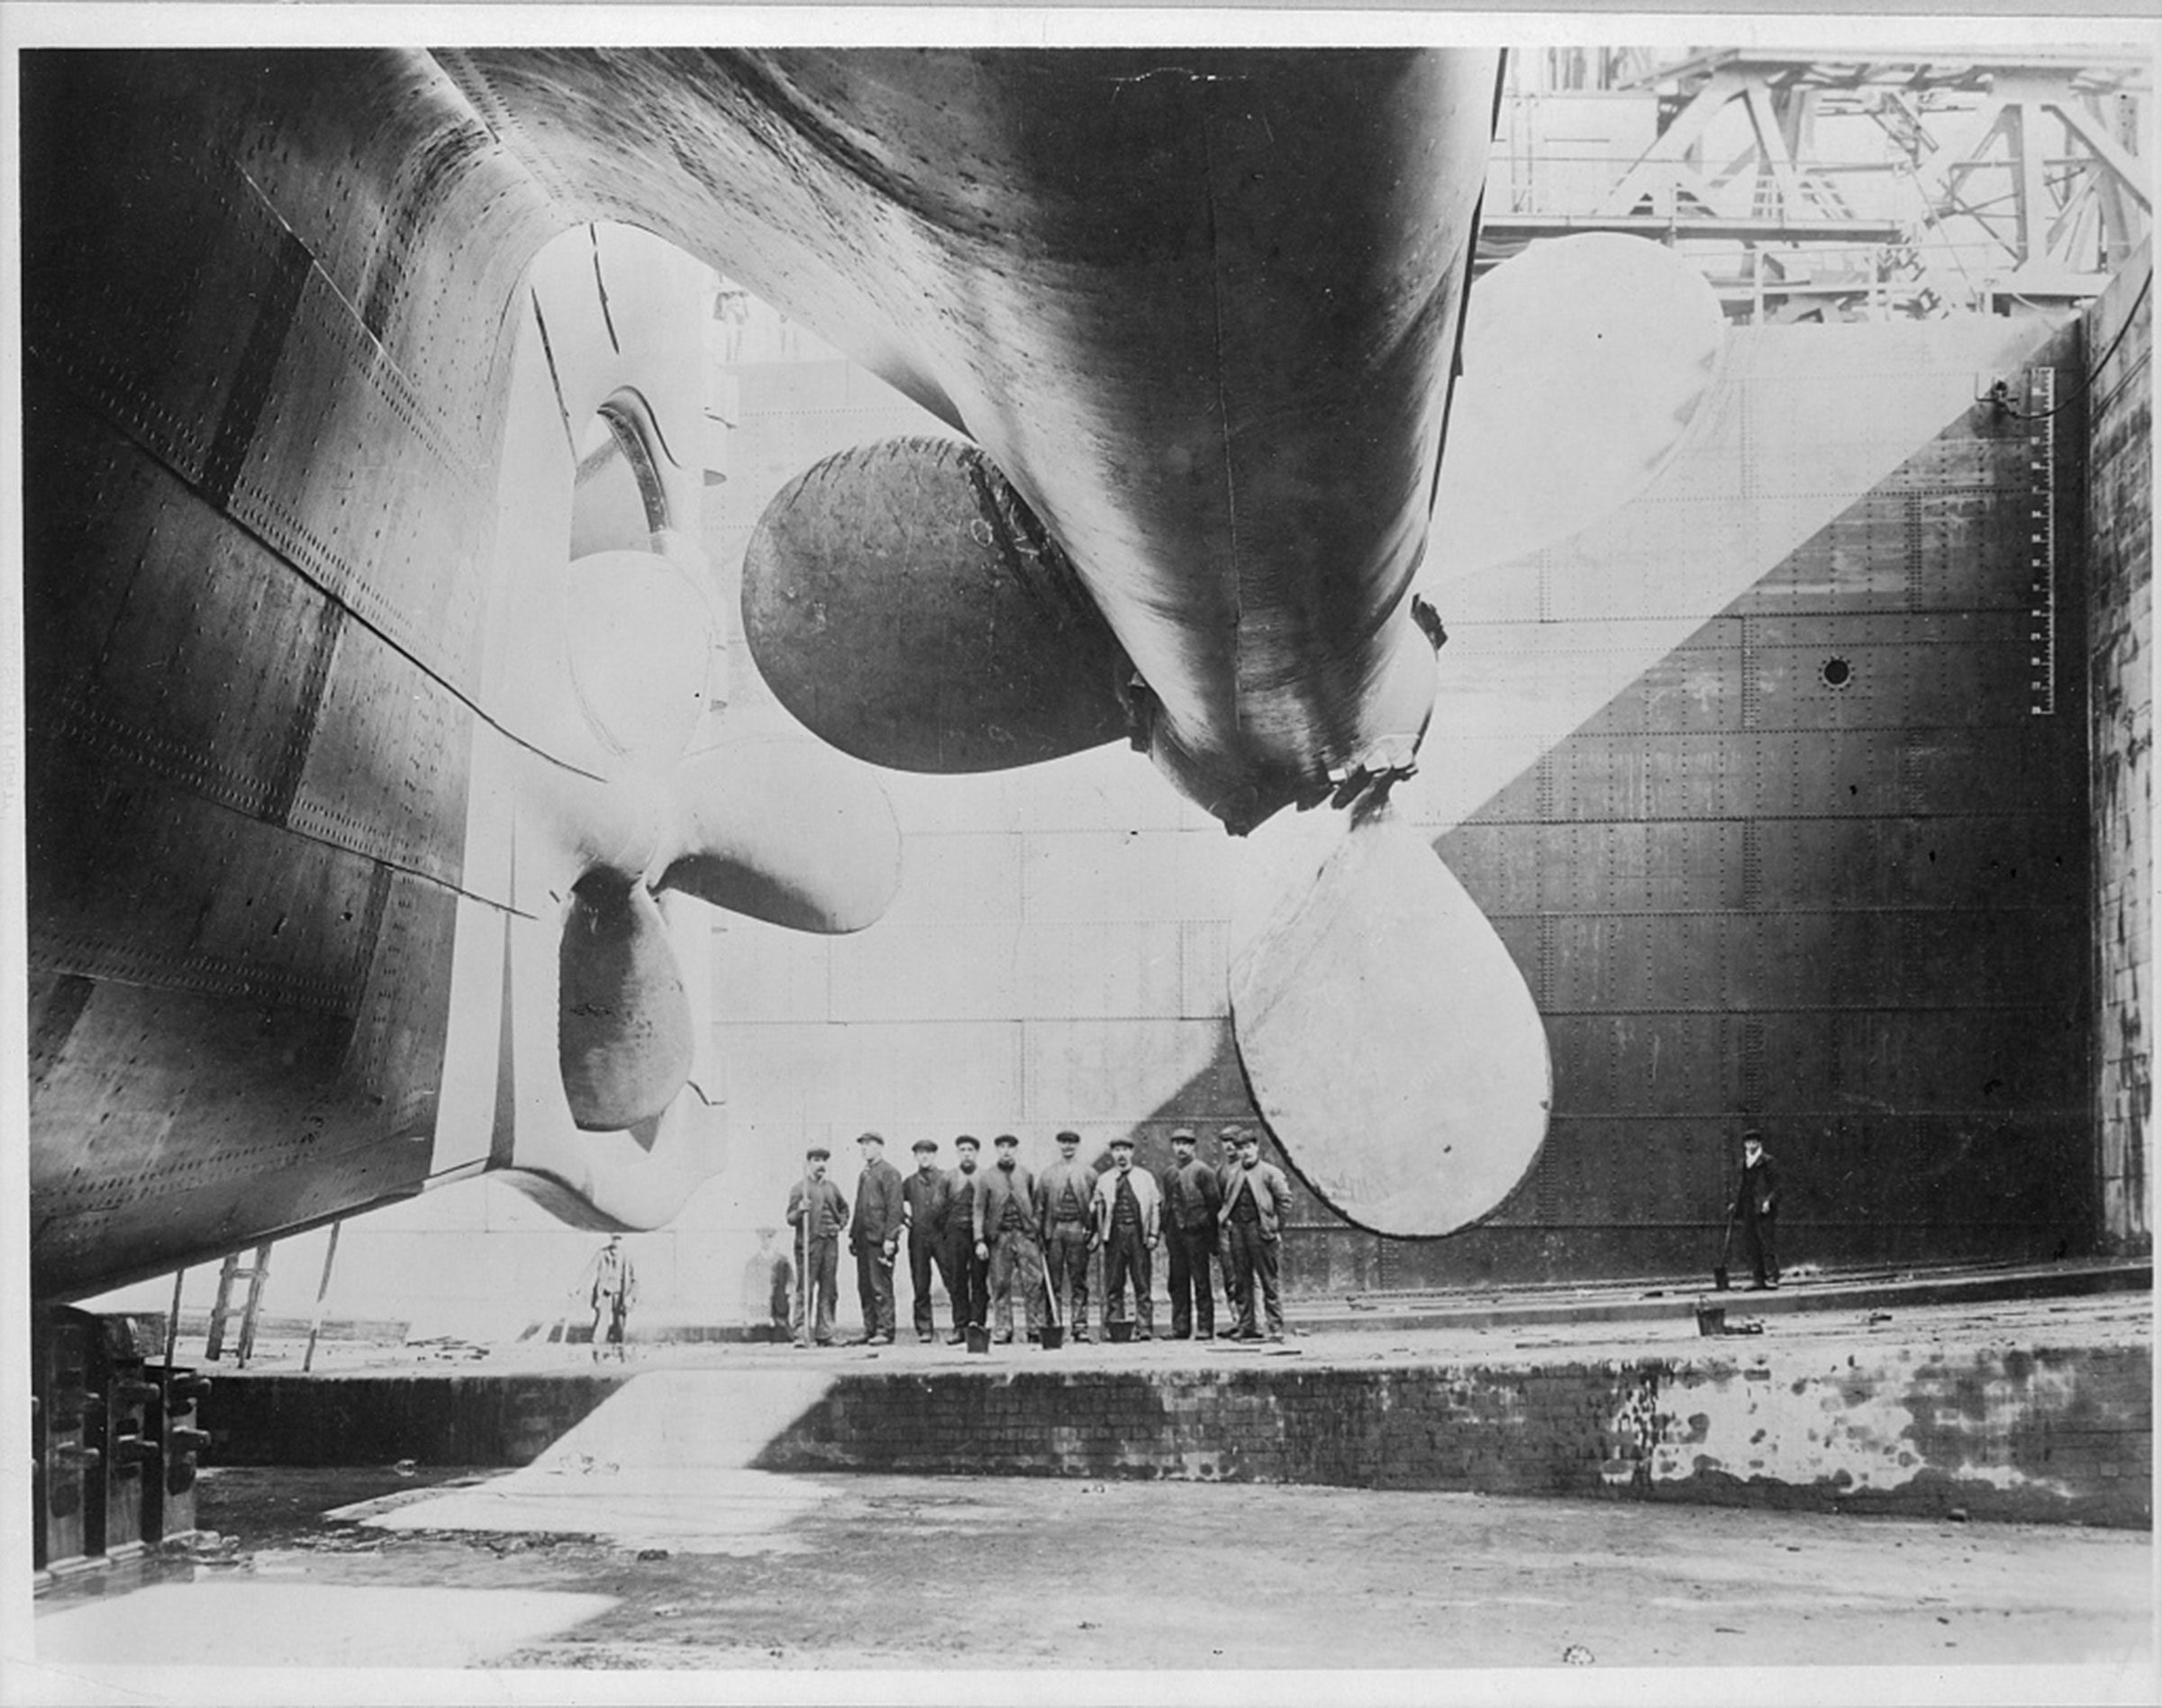 7. Did an 1898 novella anticipate the <i>Titanic</i> disaster?